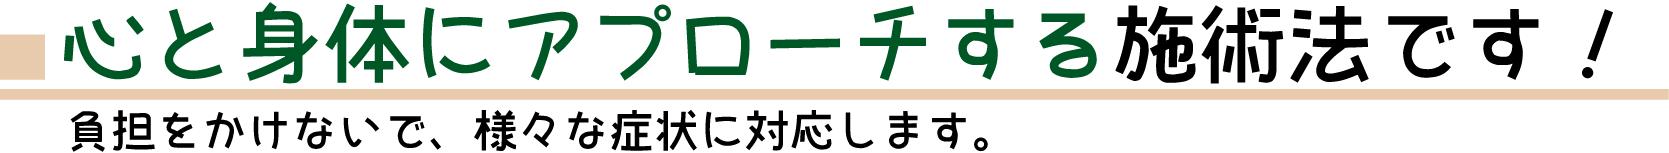 品川シーサイド 整体 NaturalTherapy YURARI-ゆらり-